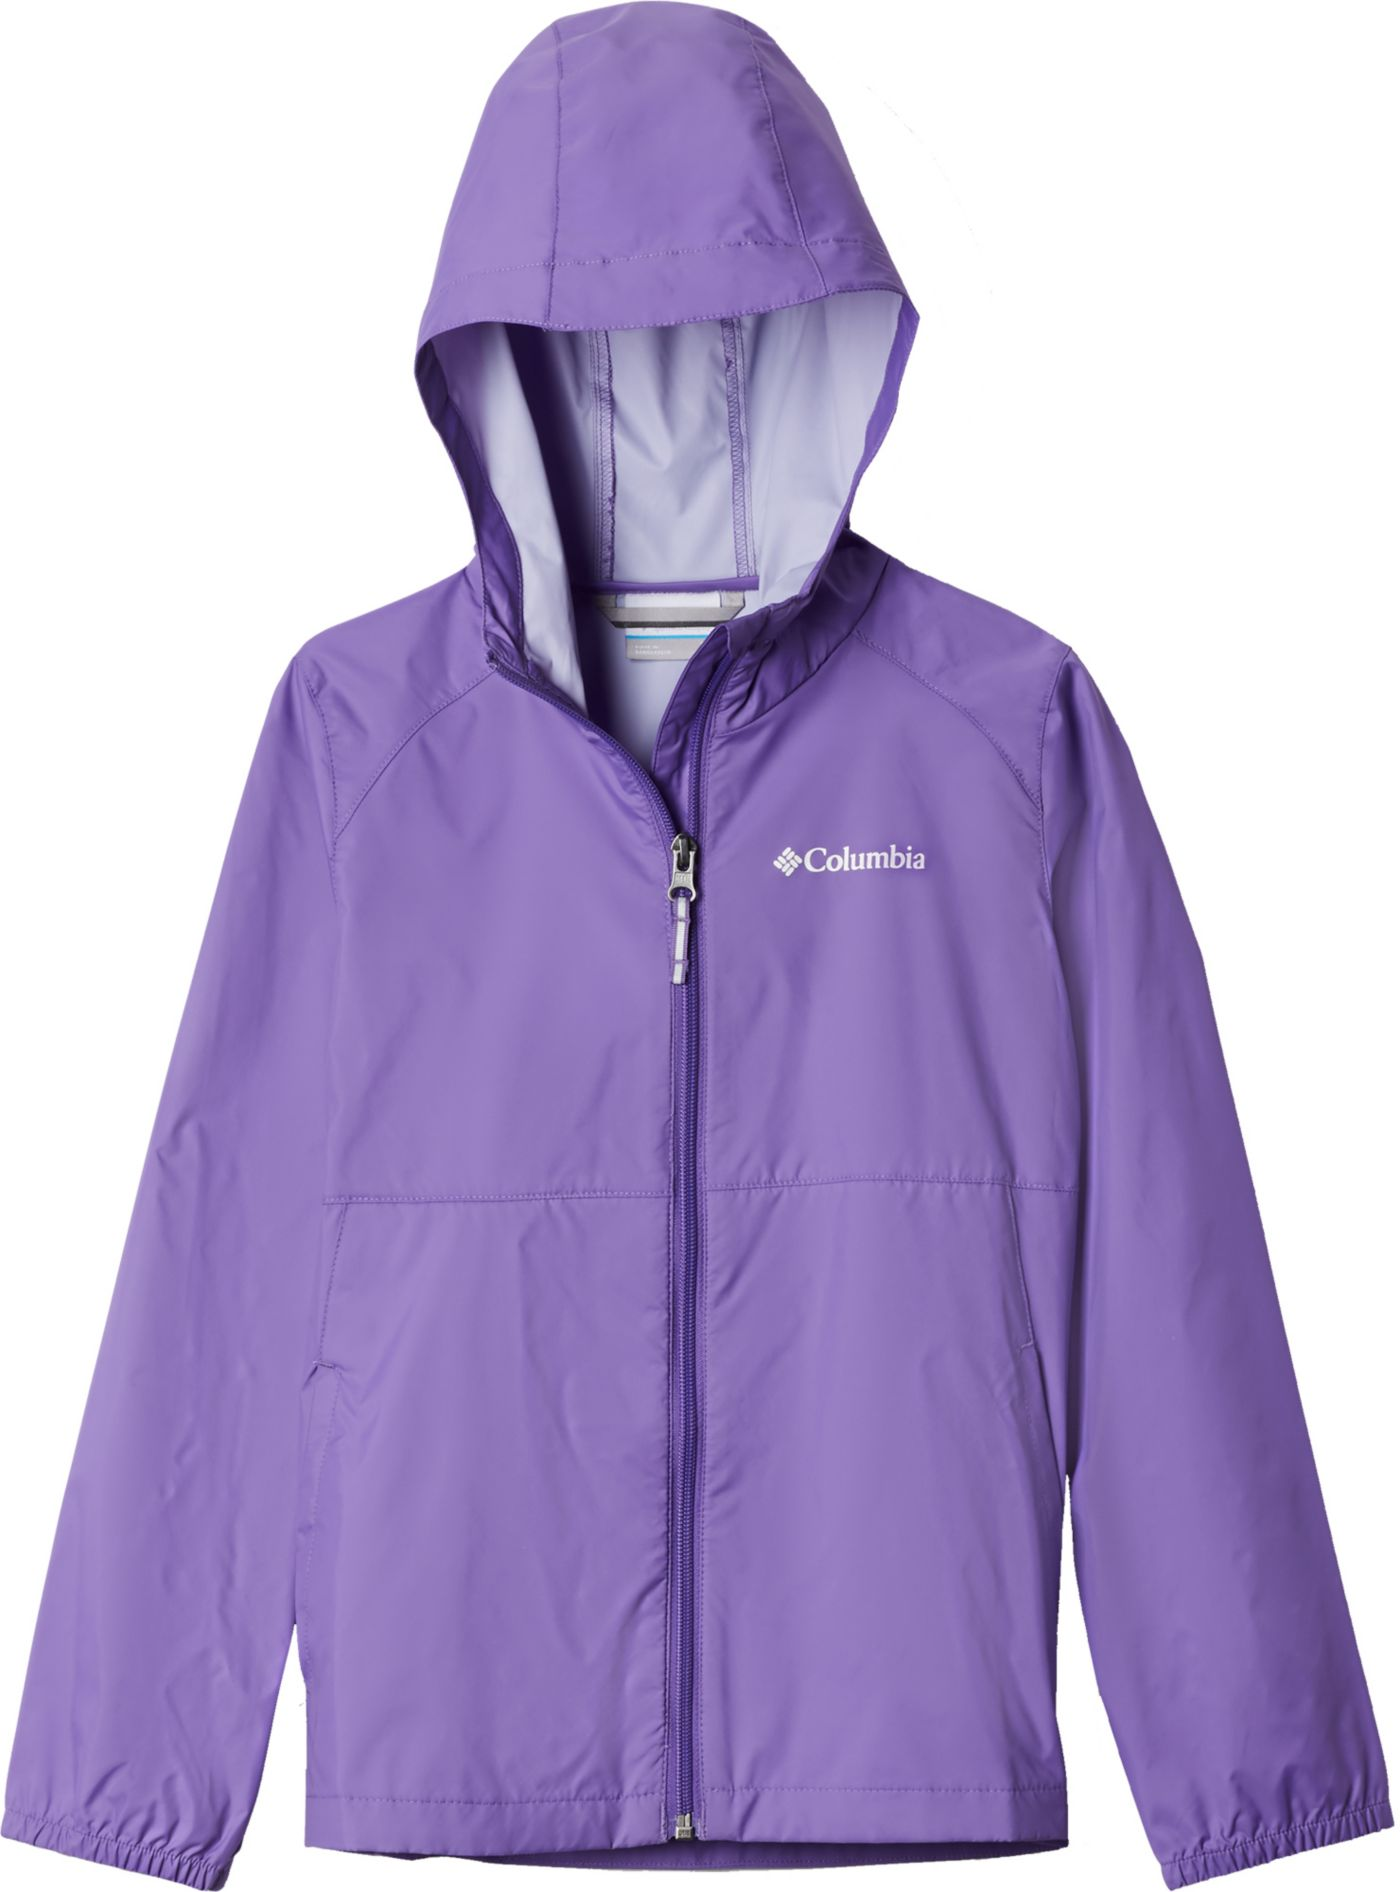 Columbia Toddler Girls' Switchback II Rain Jacket